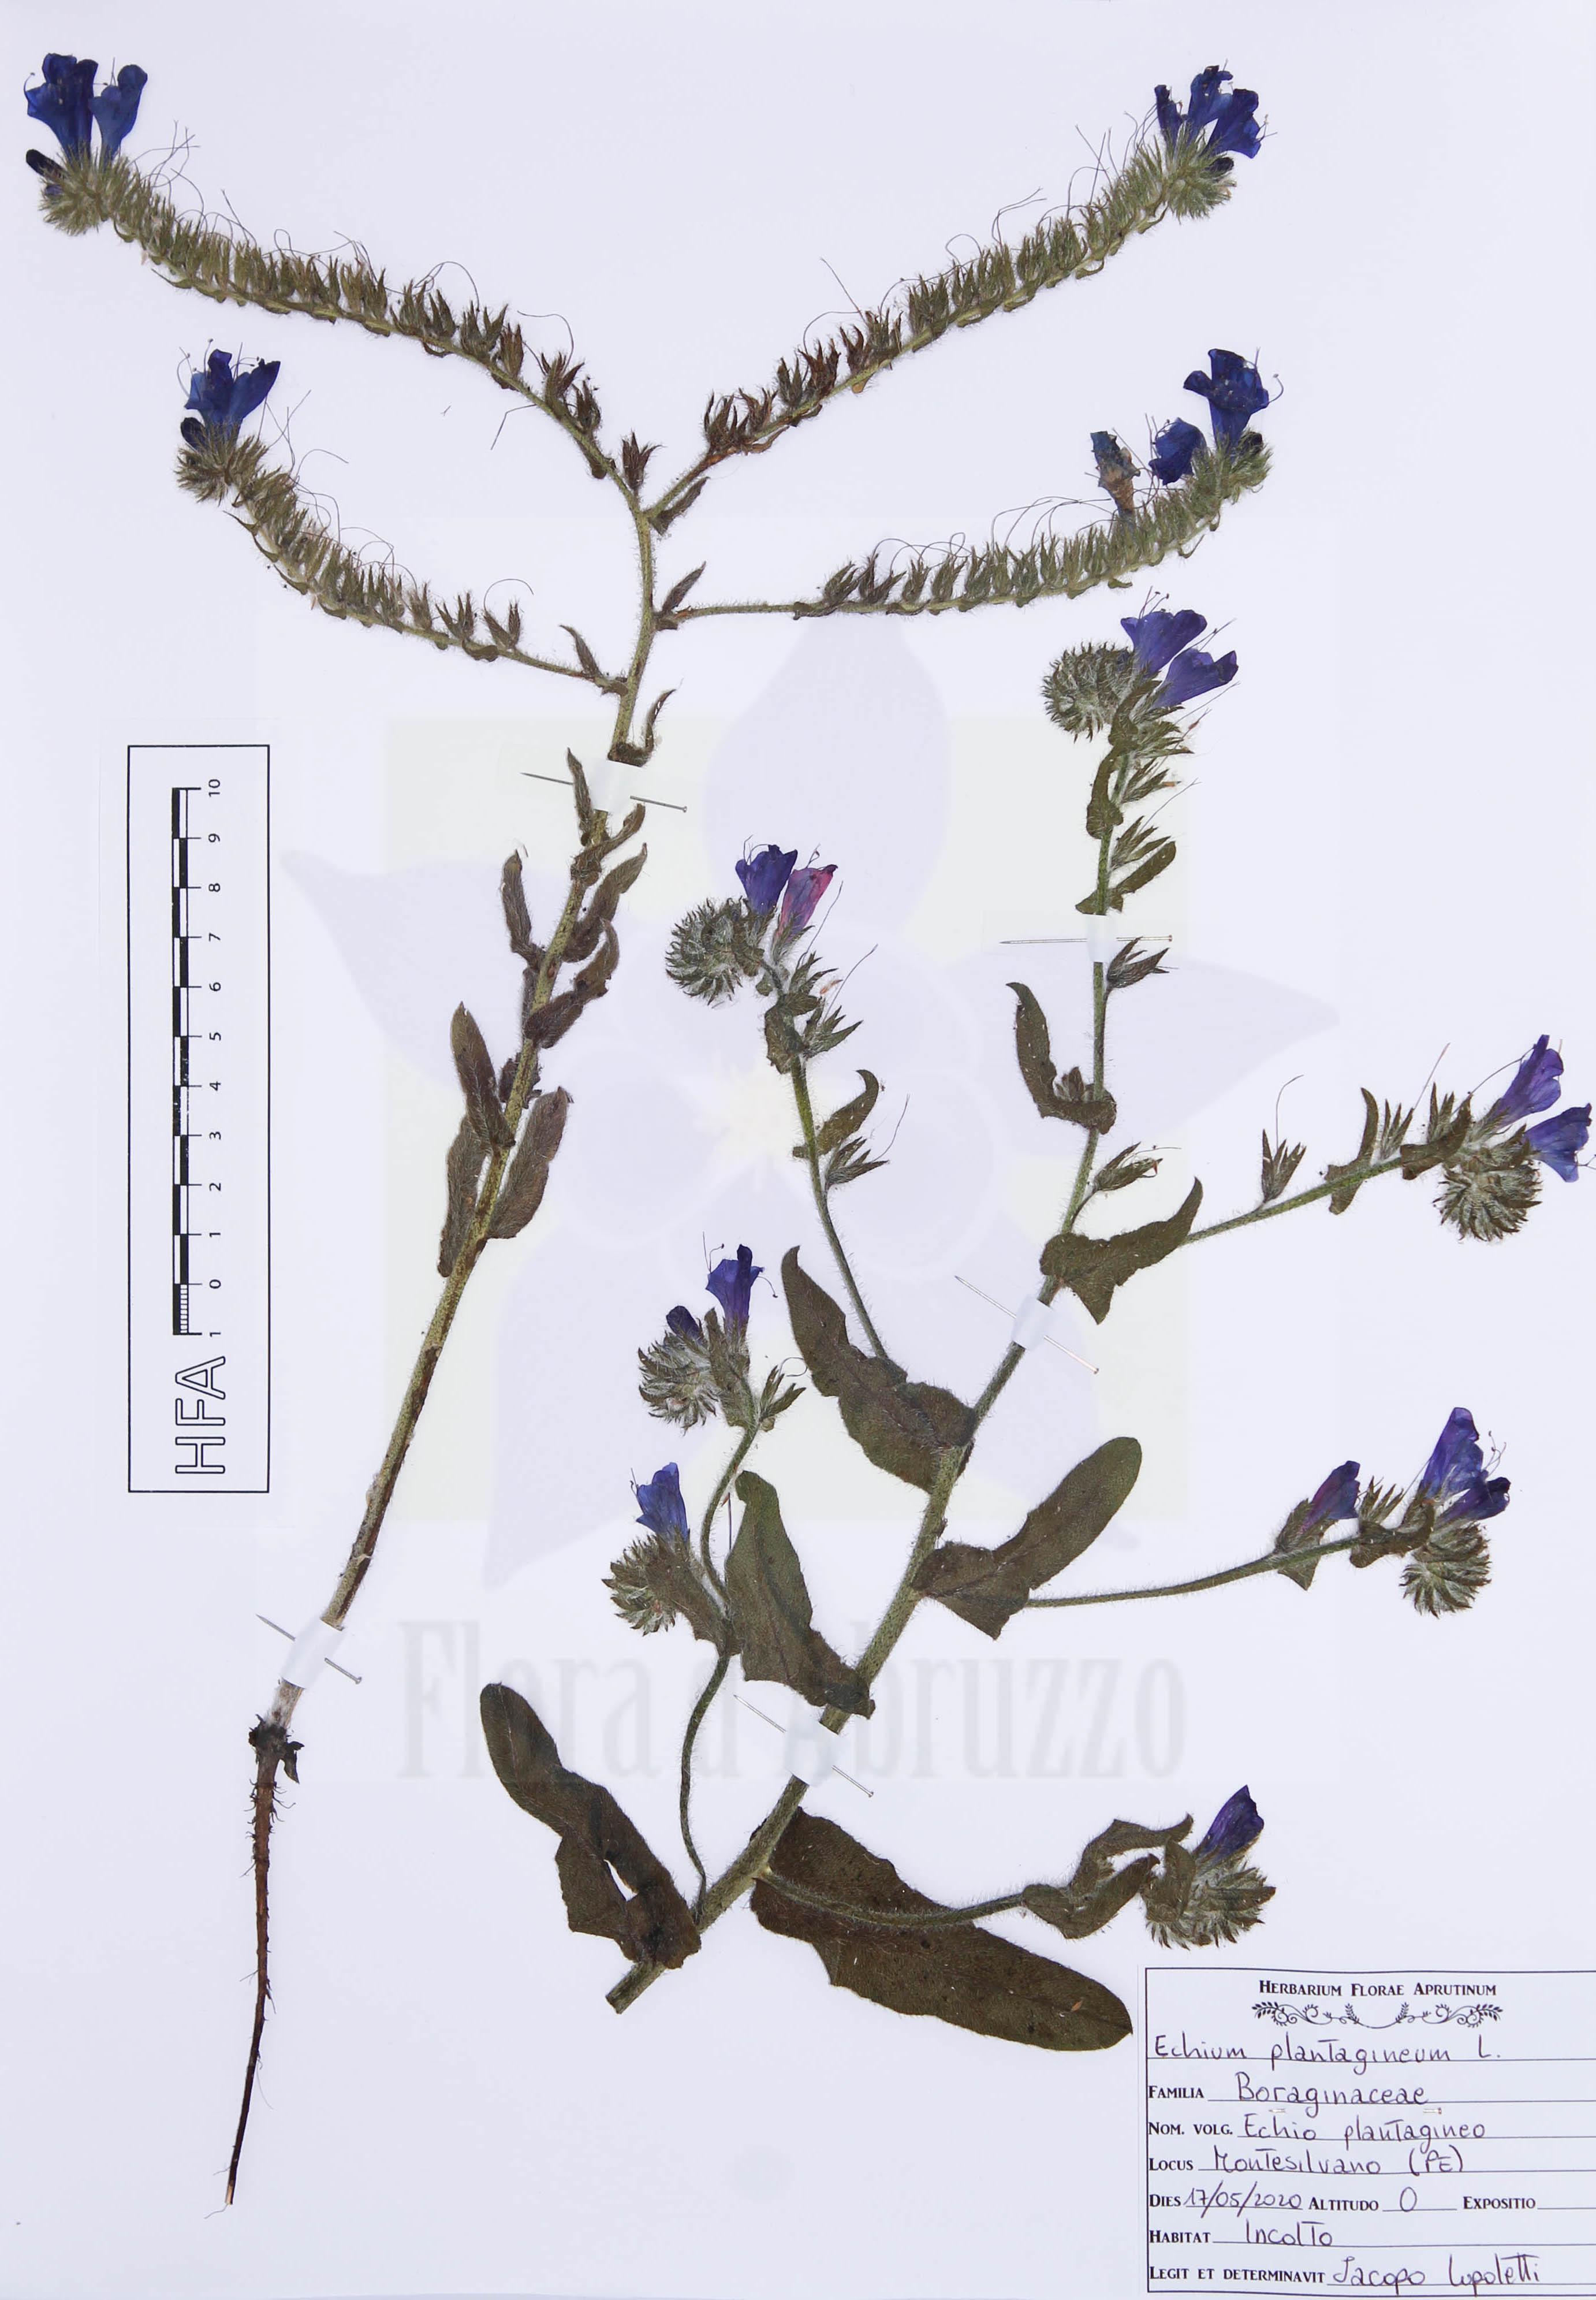 Echium plantaginetum L.